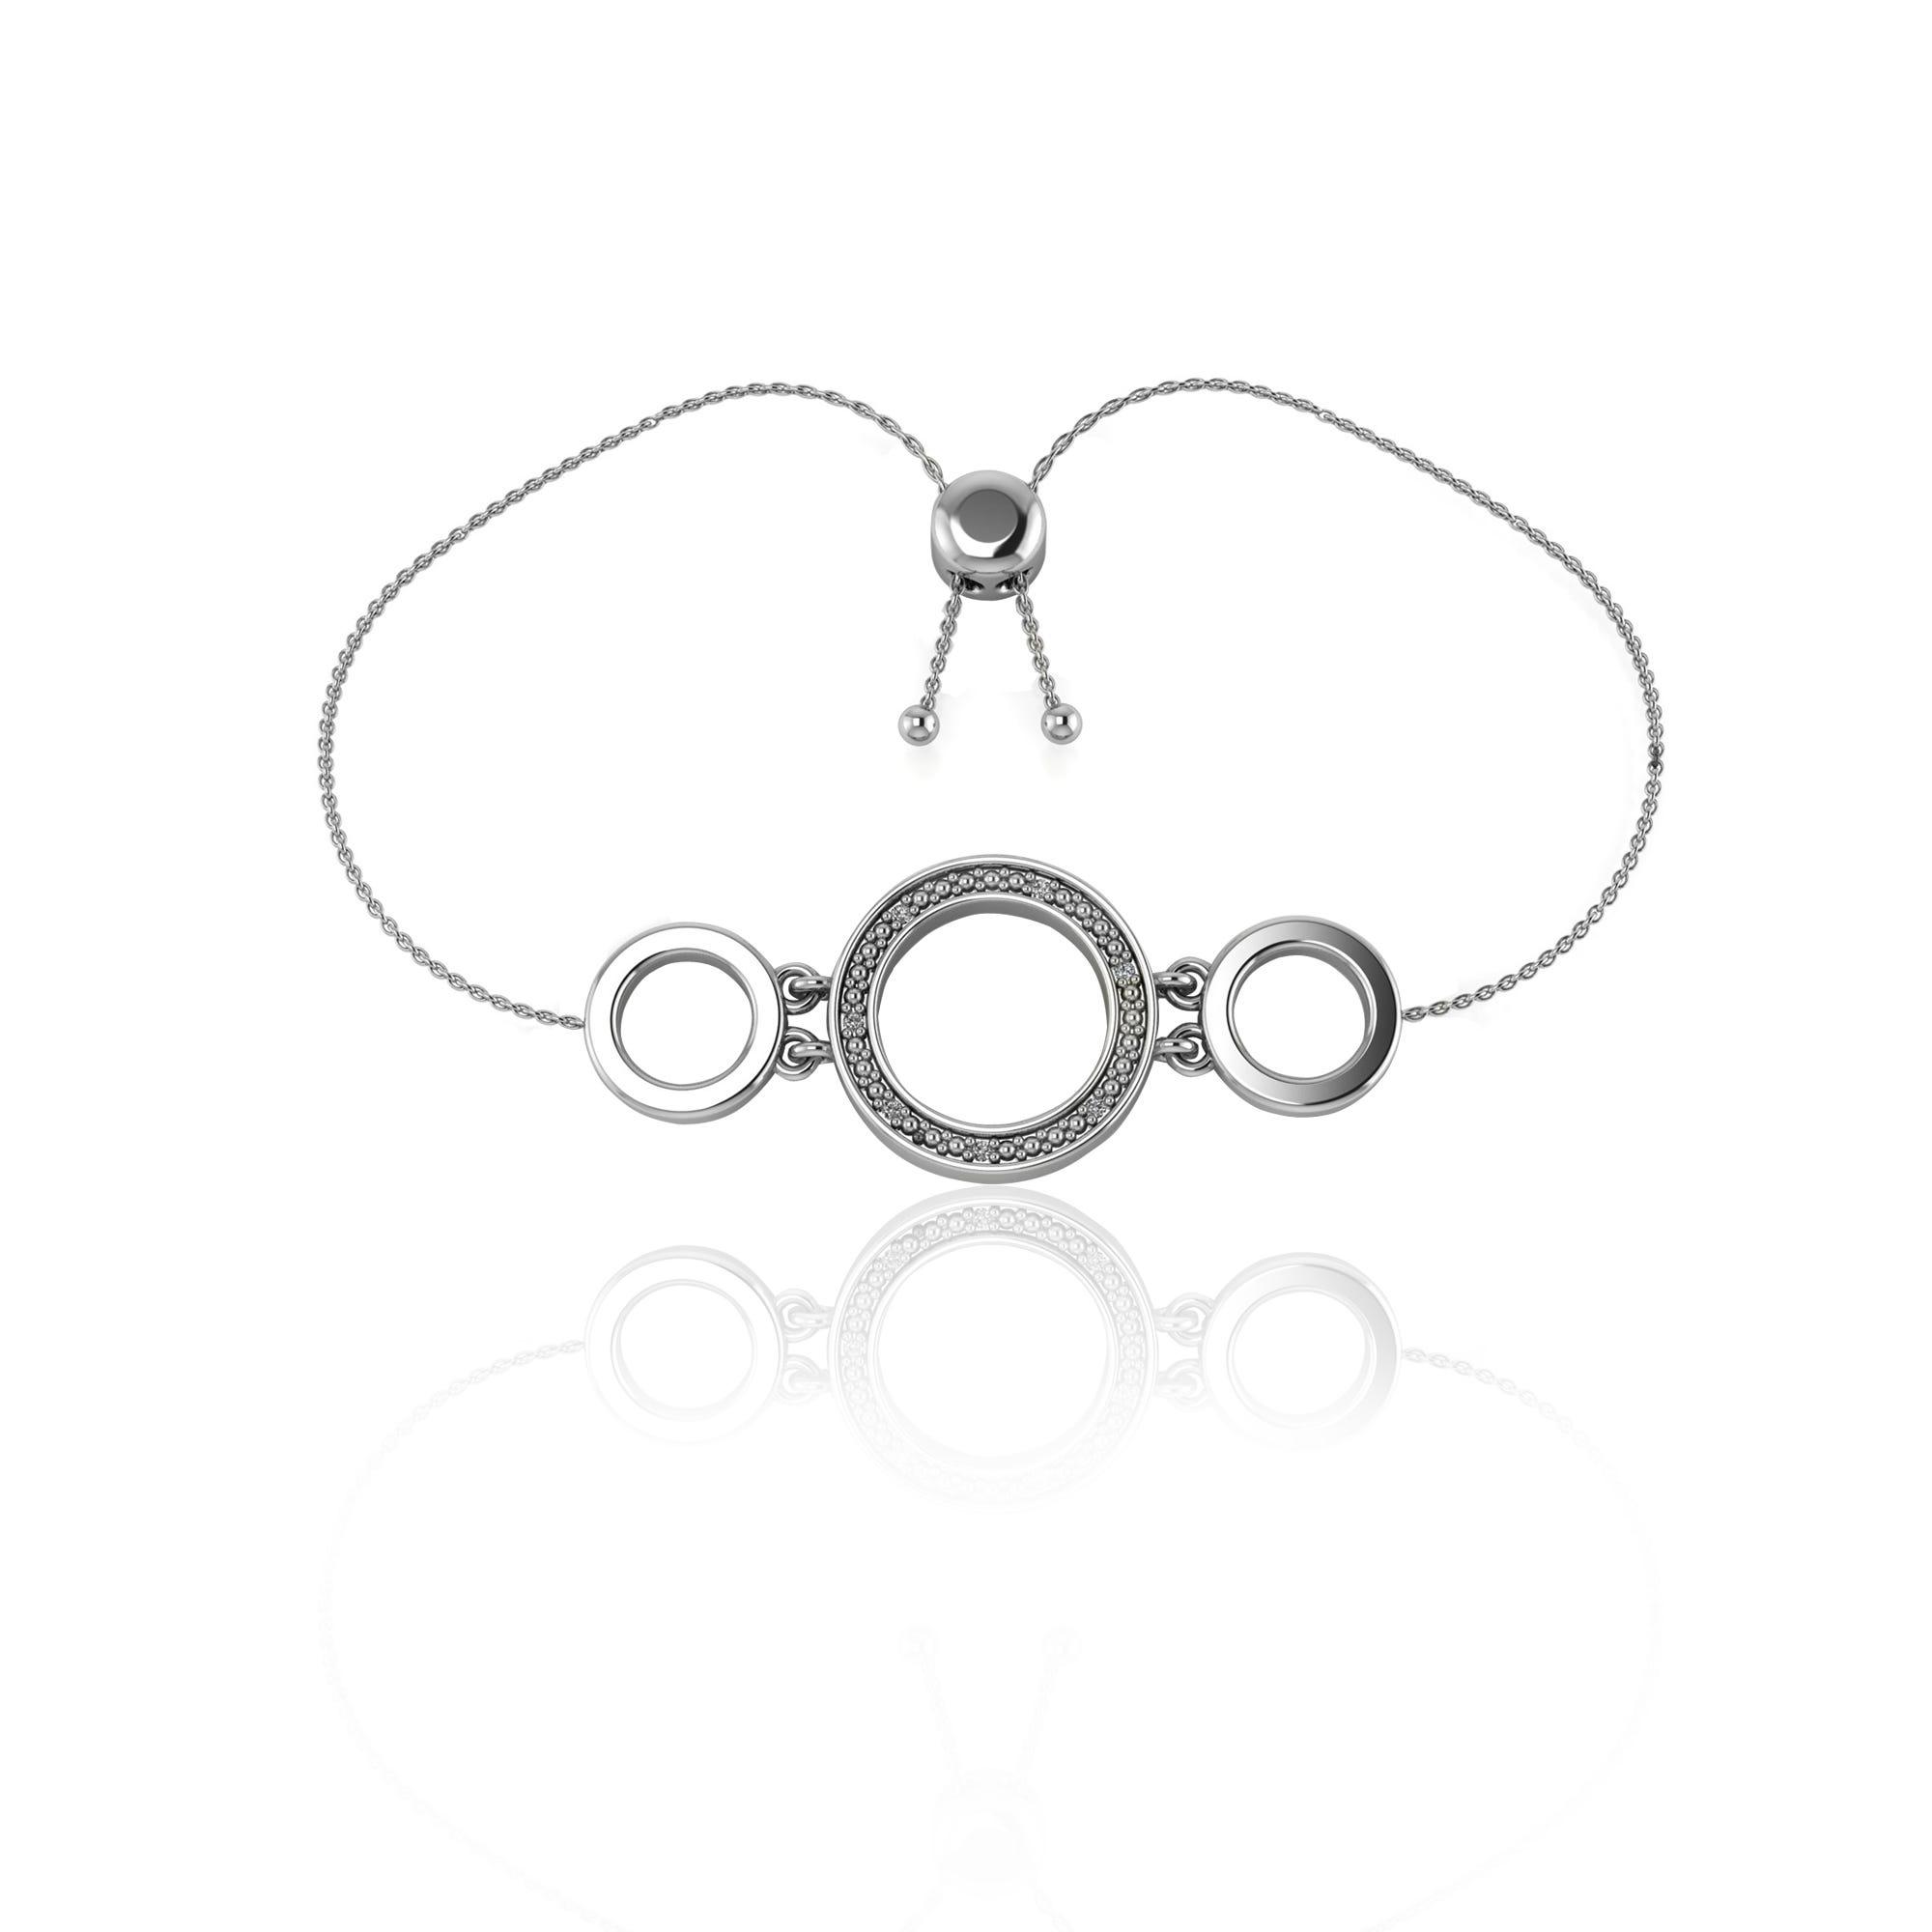 Triple Circle Diamond Fashion Bolo Bracelet in Sterling Silver